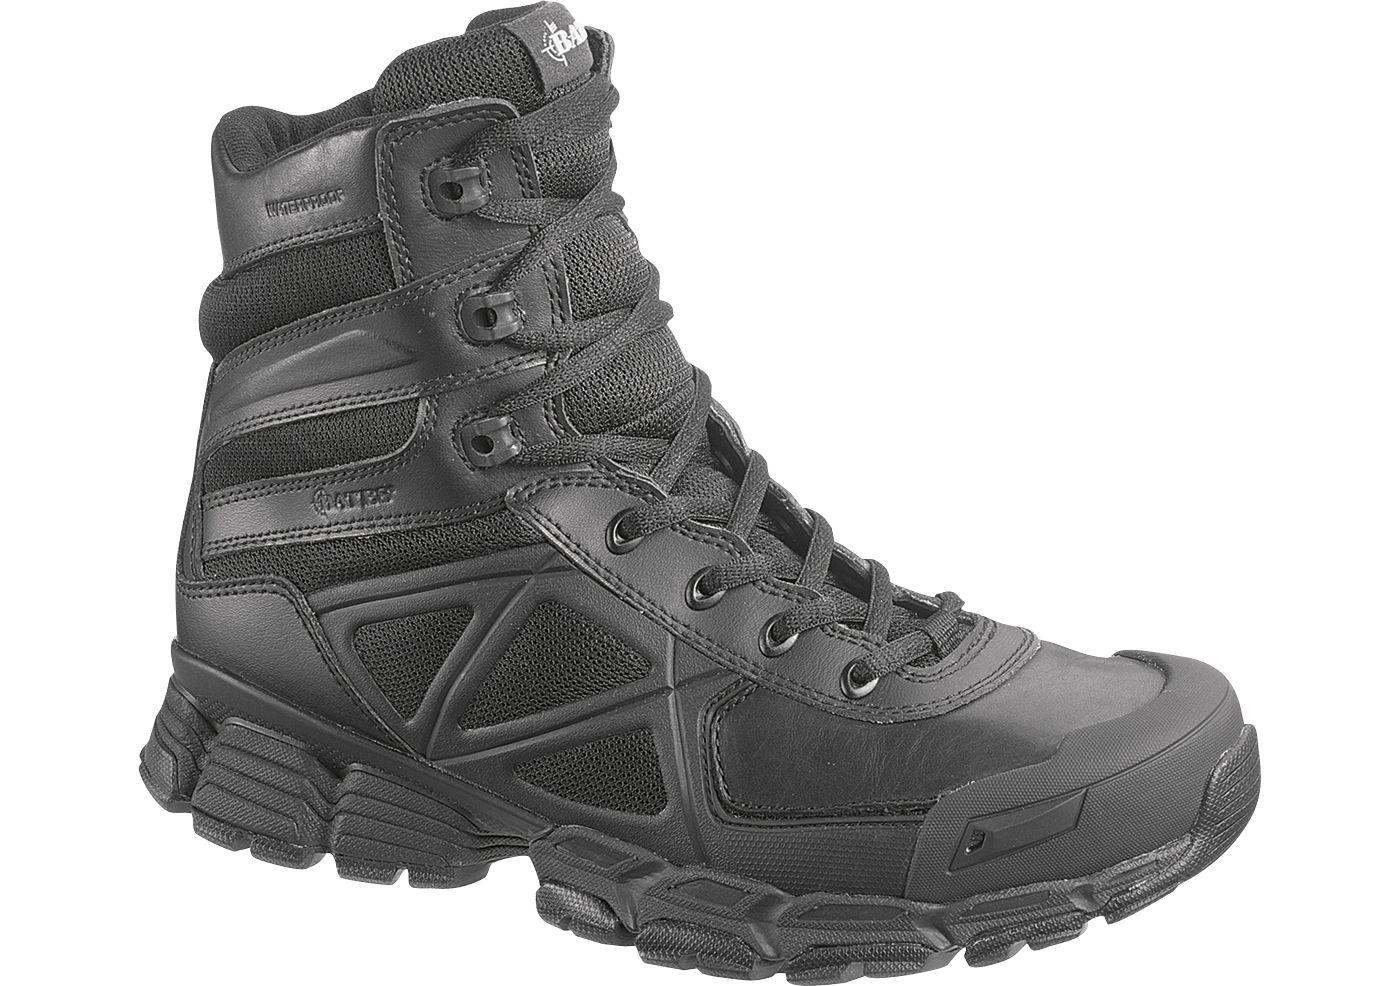 Bates Men's Velocitor Waterproof Side Zip Work Boots